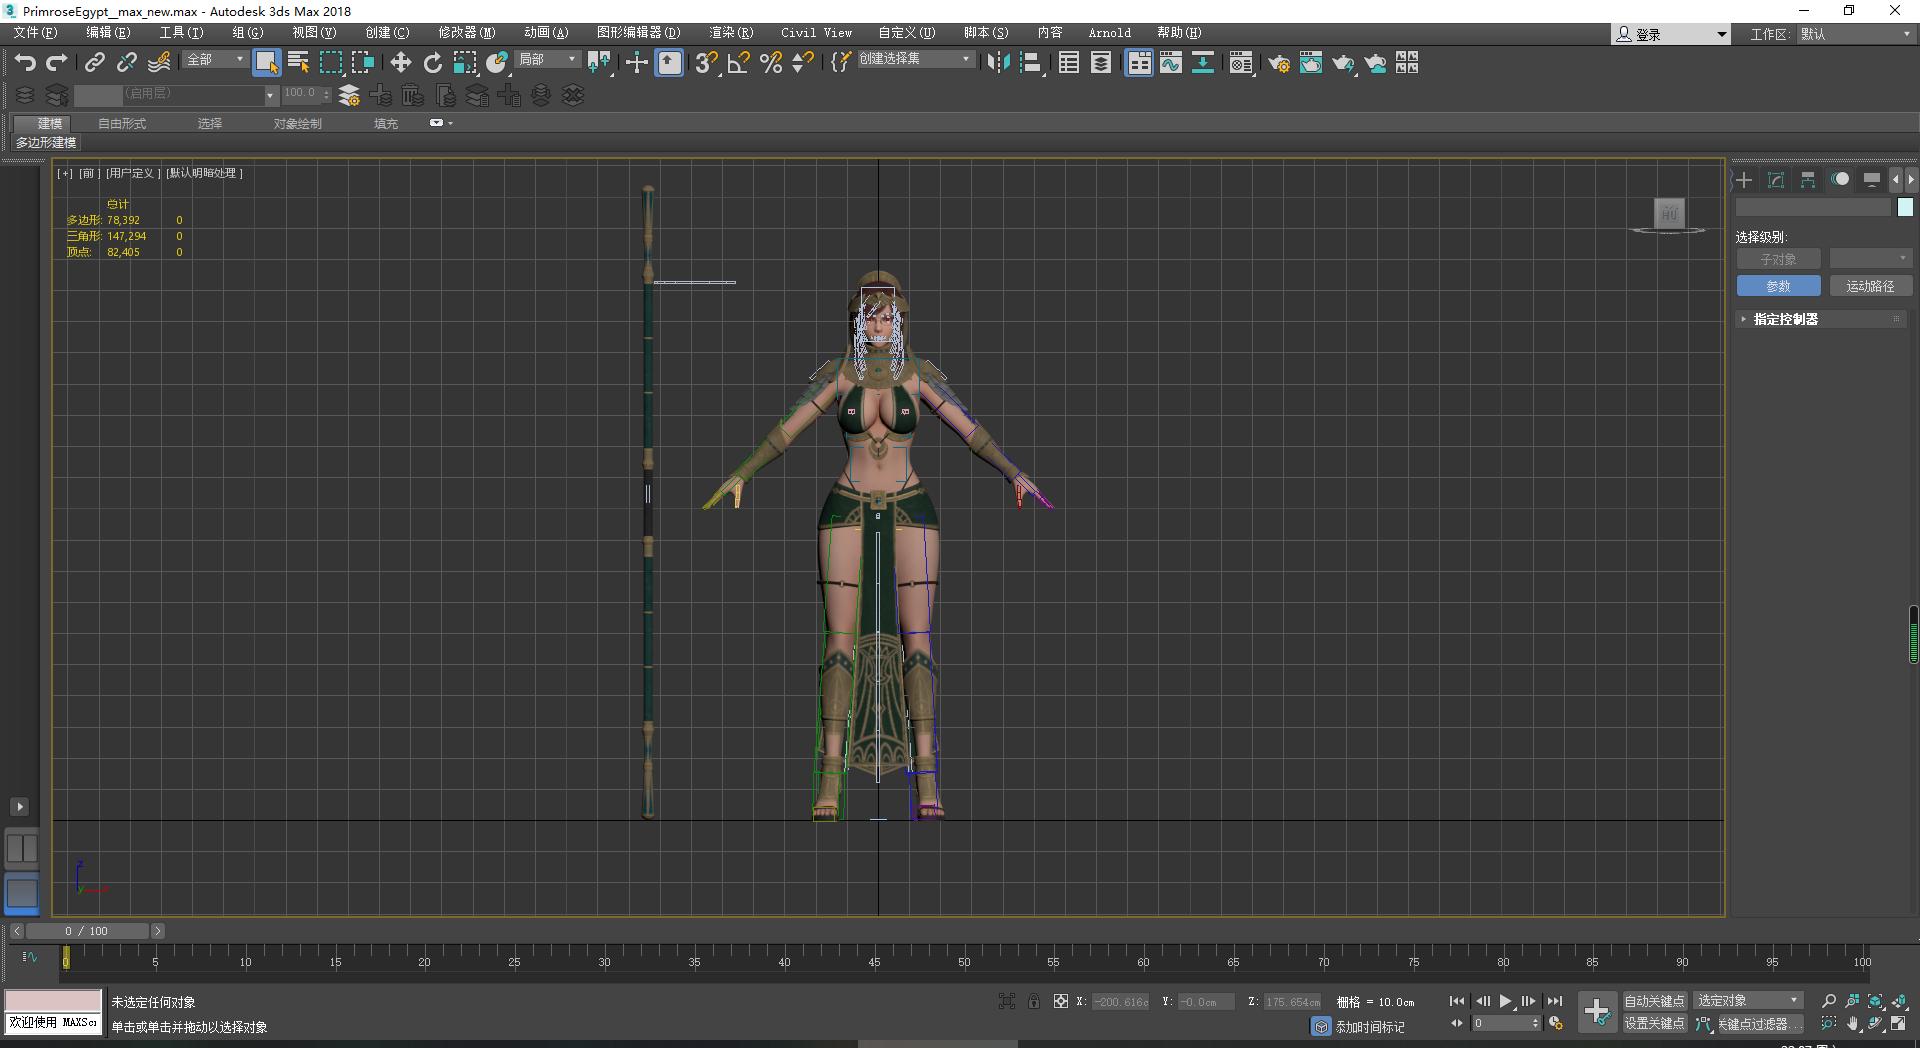 精致女战士模型免费分享 3dmax 游戏动画 3damx动画 模型 第4张